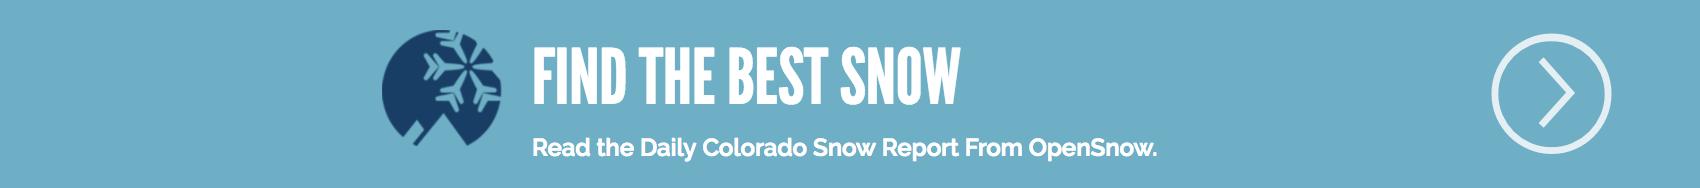 OpenSnow Colorado Snow Forecast